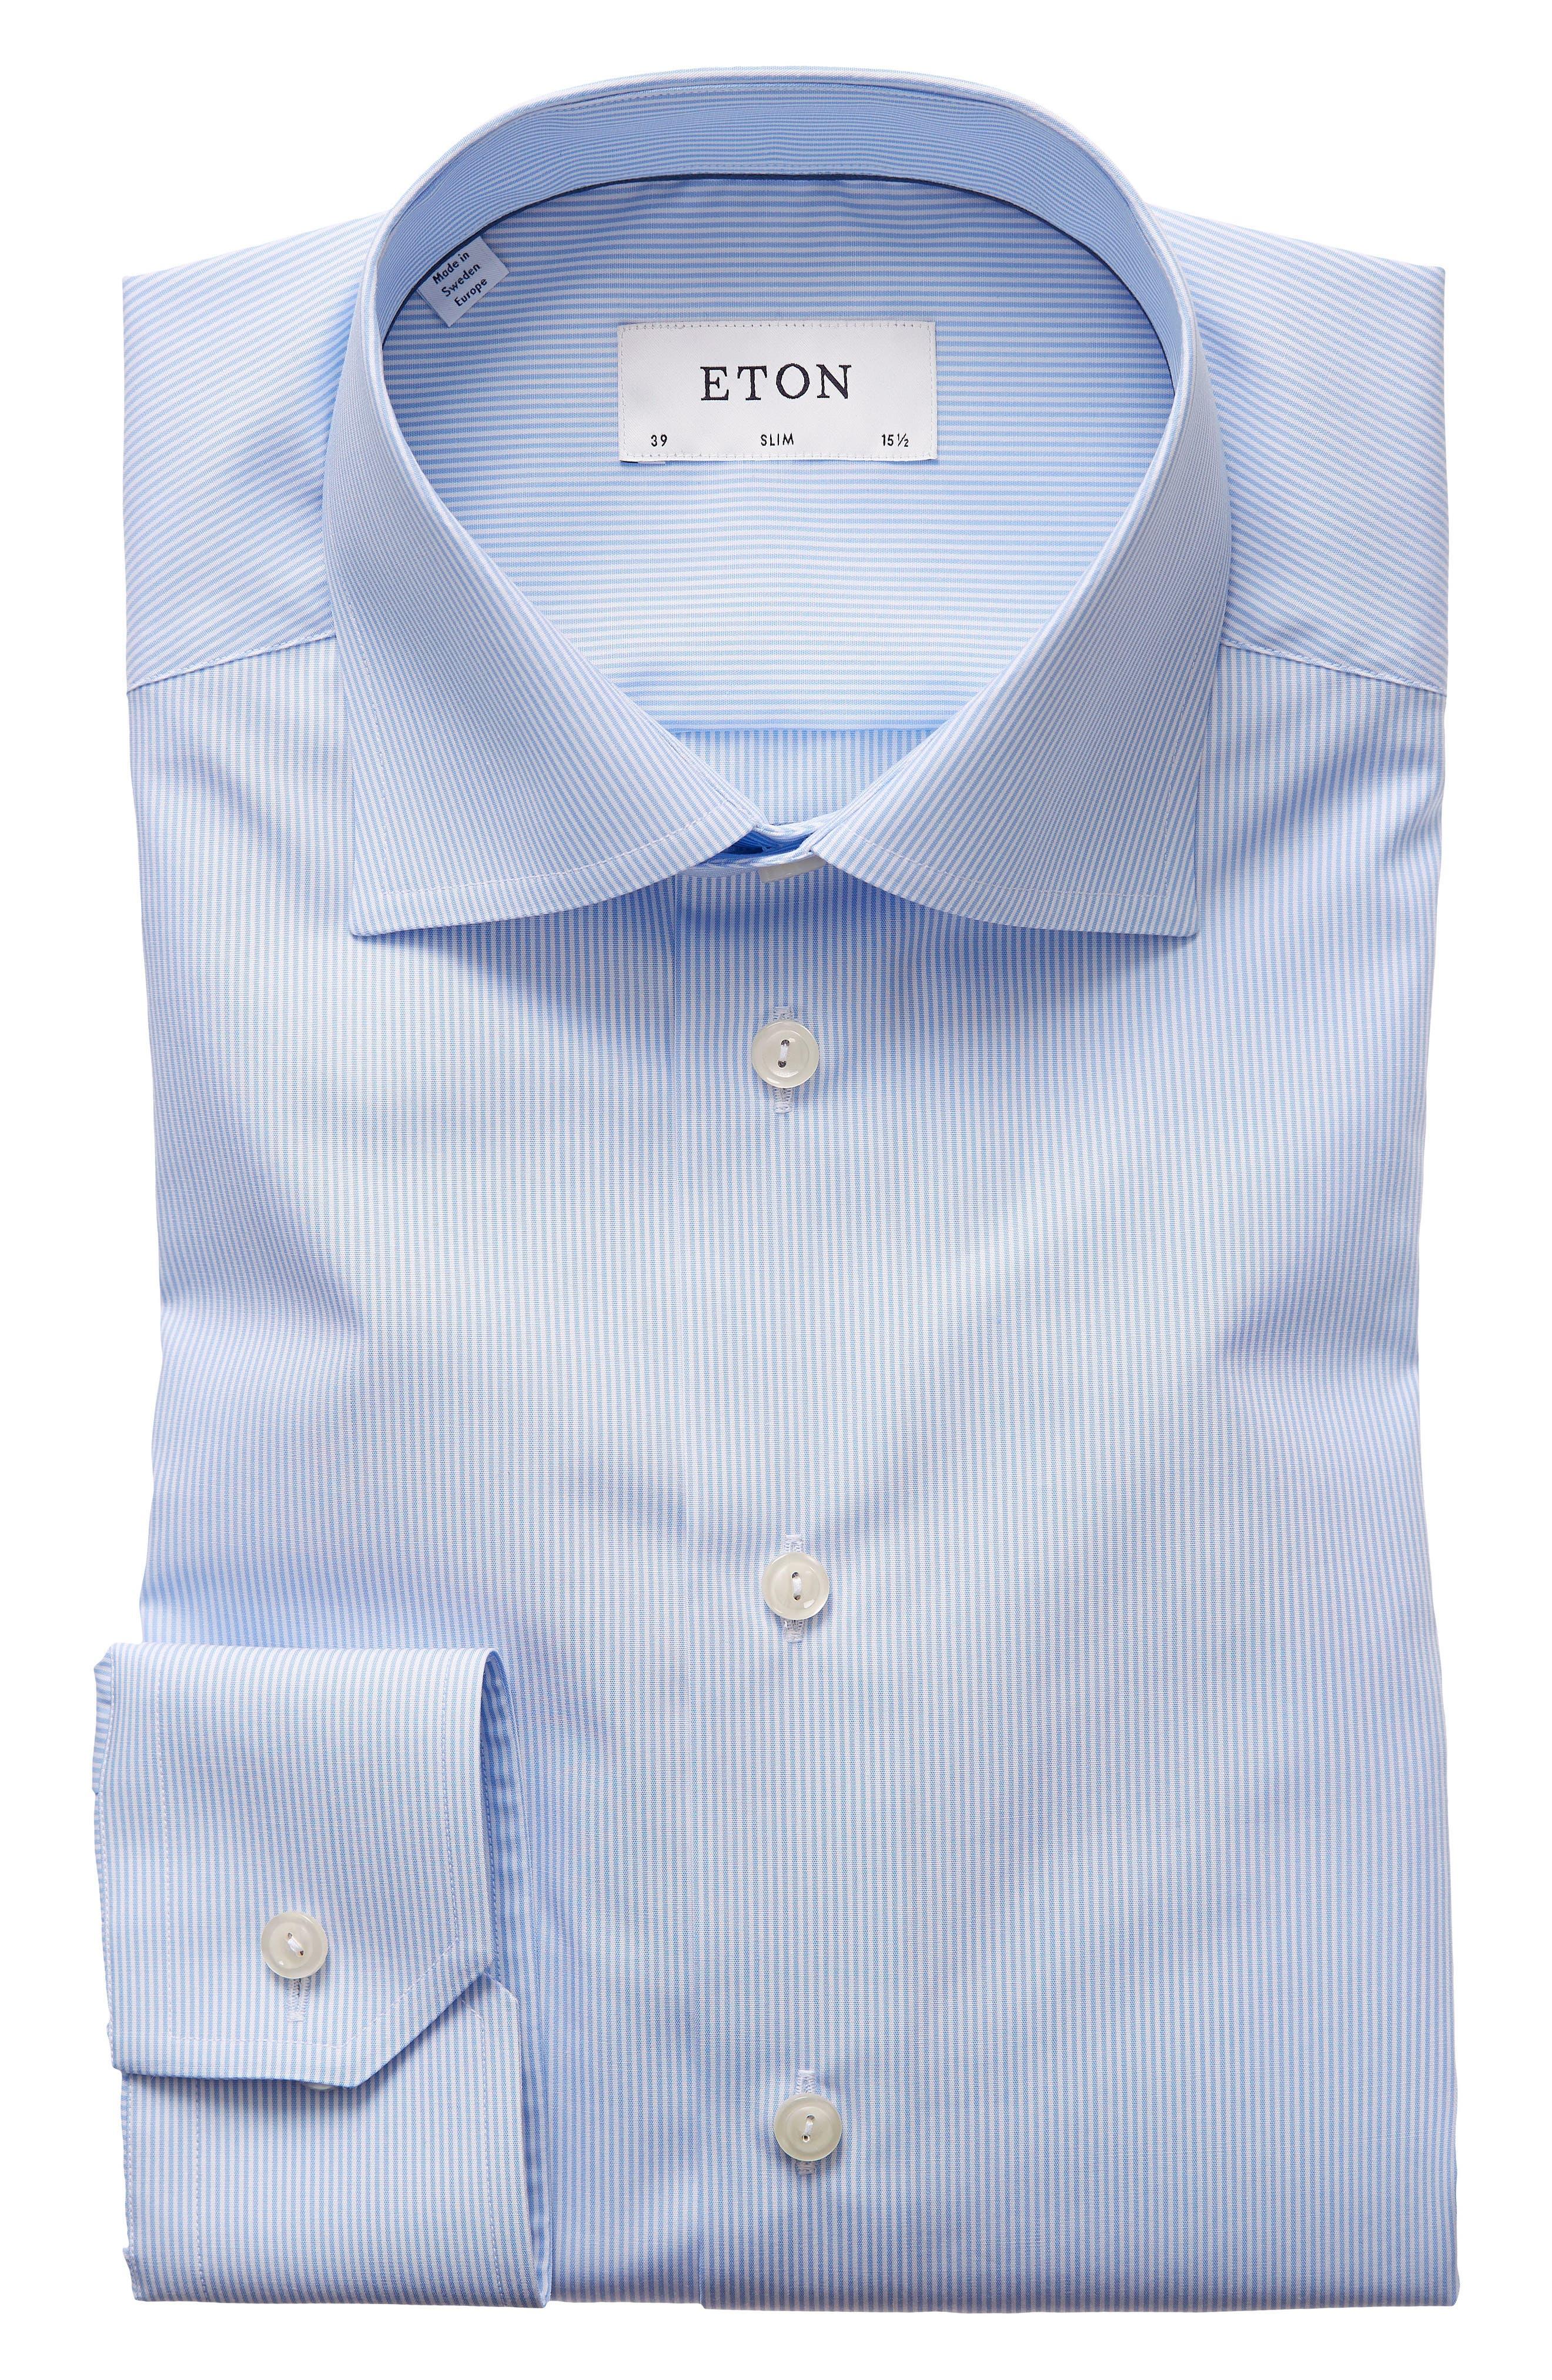 Extra Slim Fit Stripe Dress Shirt,                             Main thumbnail 1, color,                             LIGHT BLUE/ WHITE